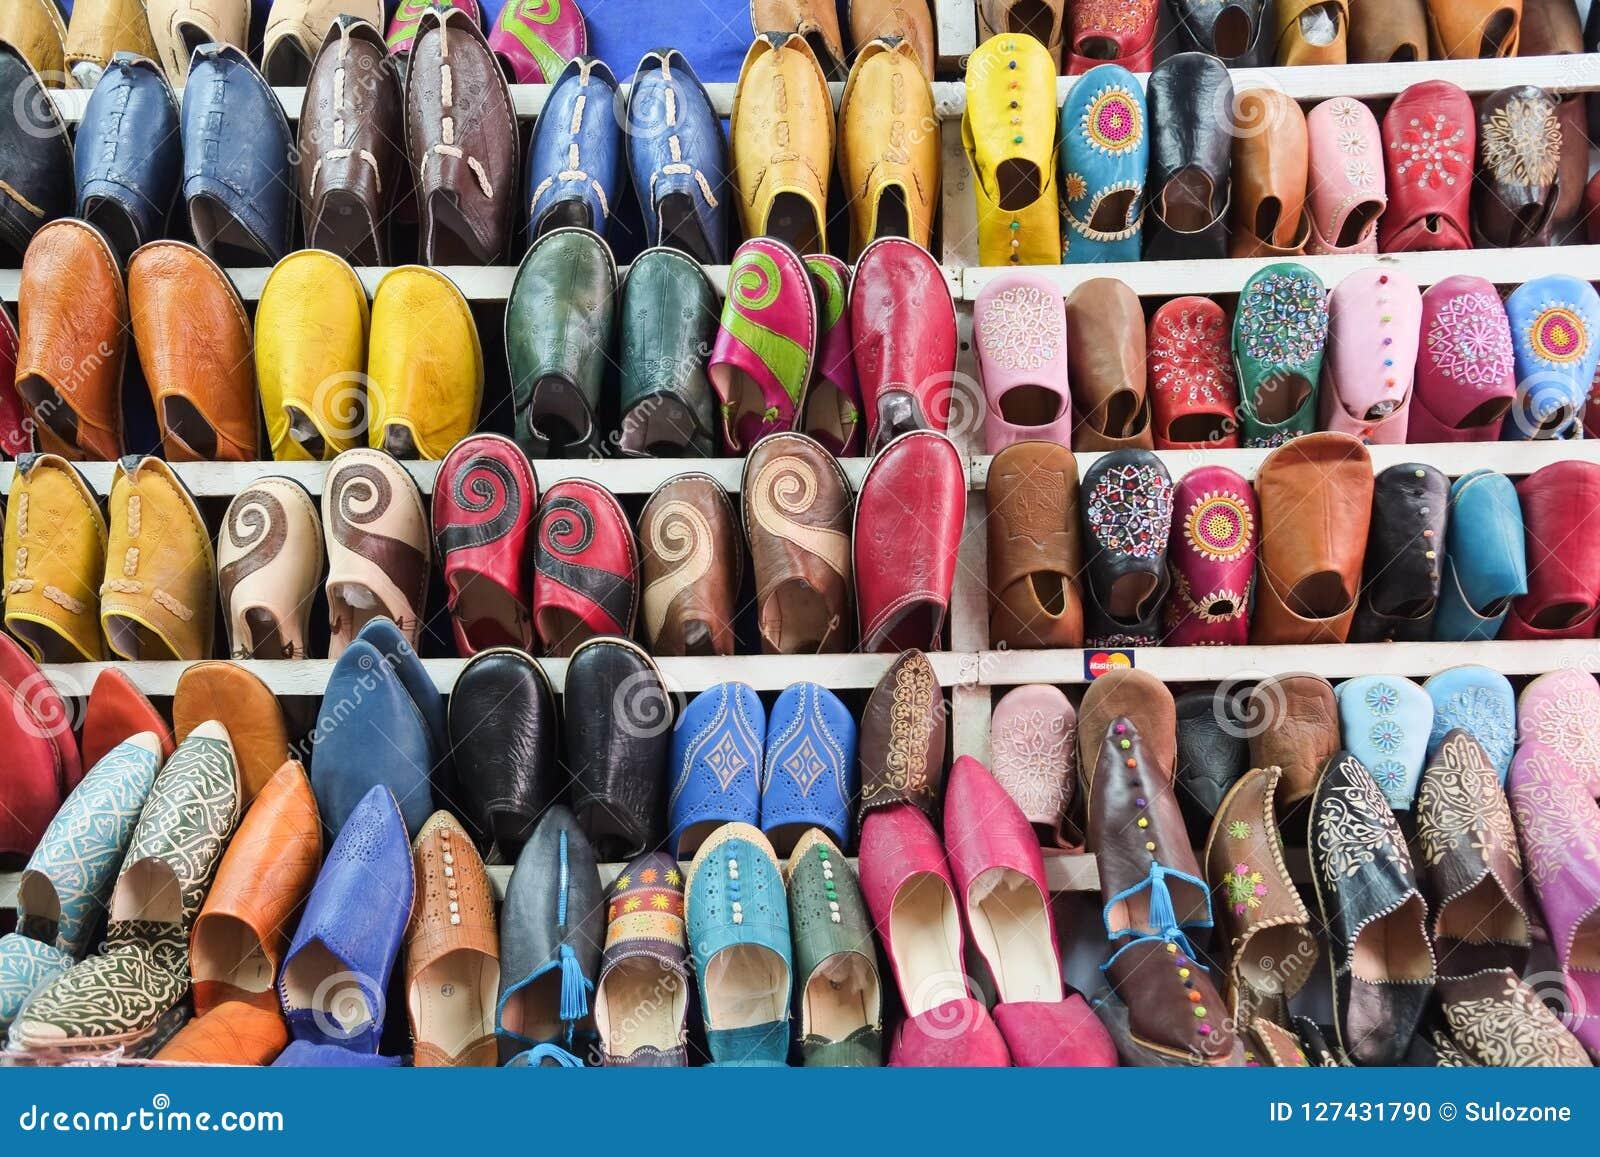 c8bcb317dd14 Colorful Moroccan Shoes At Marrakech Souk Market